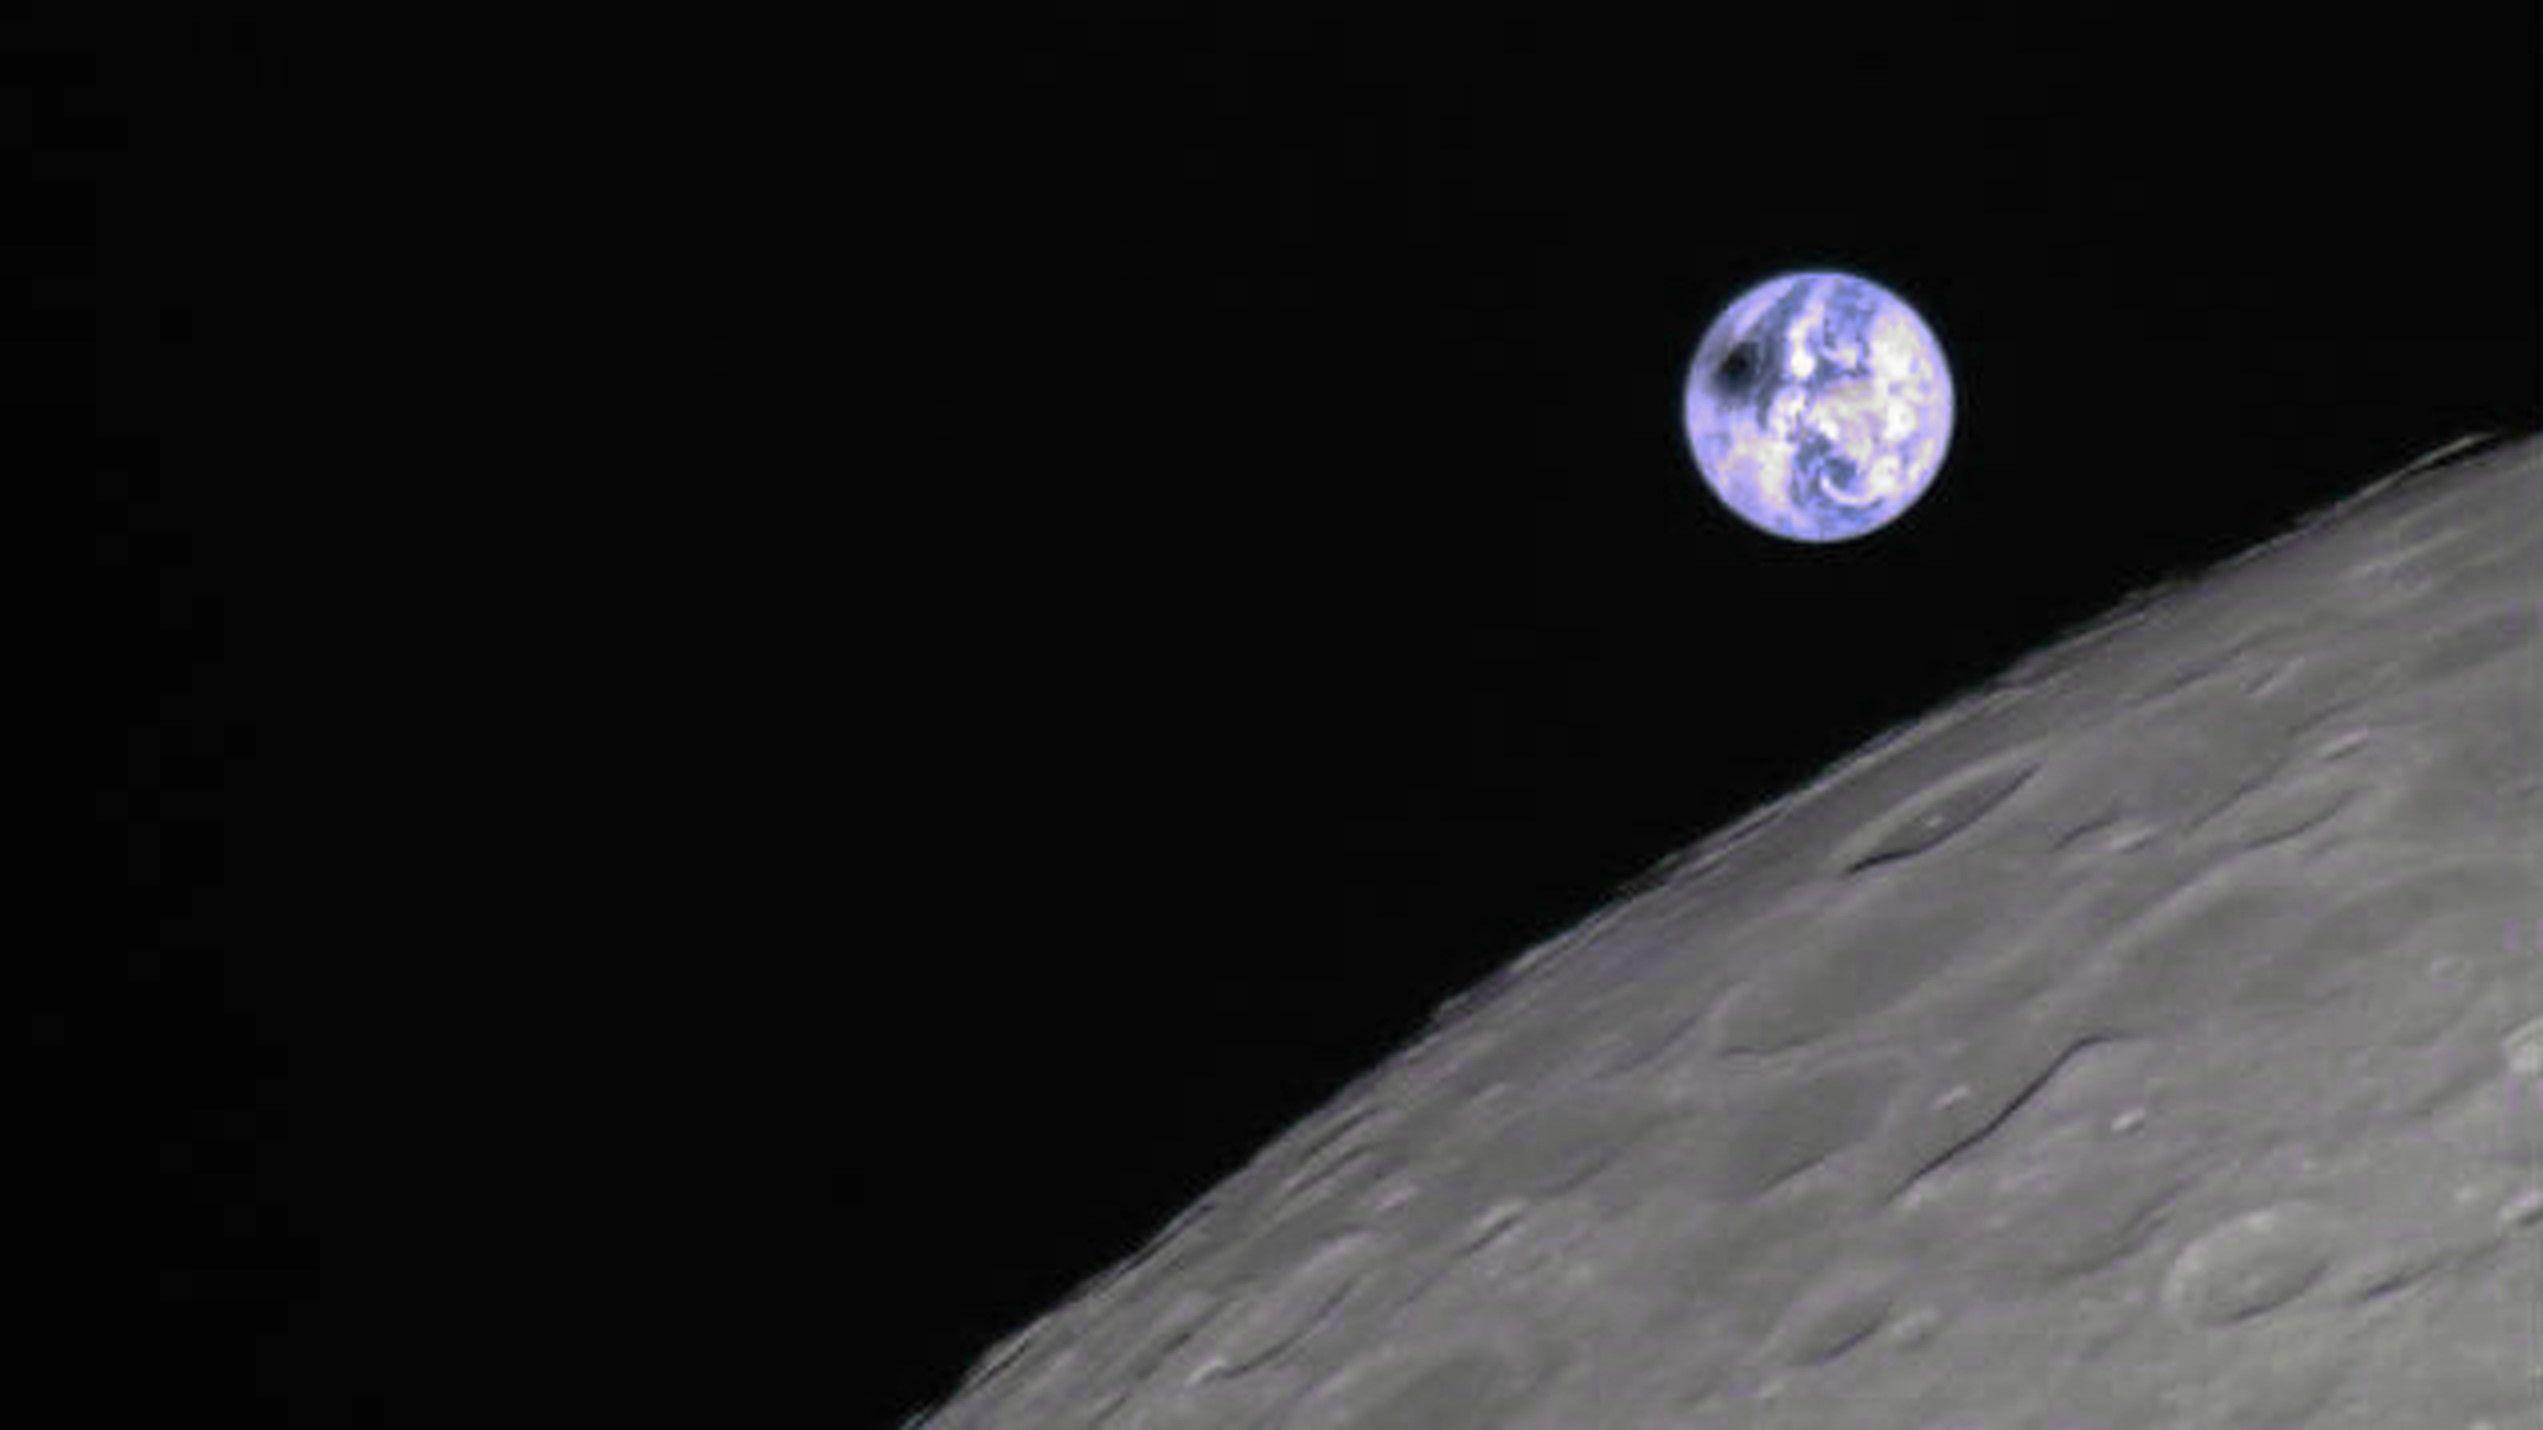 Sonnenfinsternis aus der Mondperspektive, aufgenommen vom chinesischen Satelliten Longjiang 2